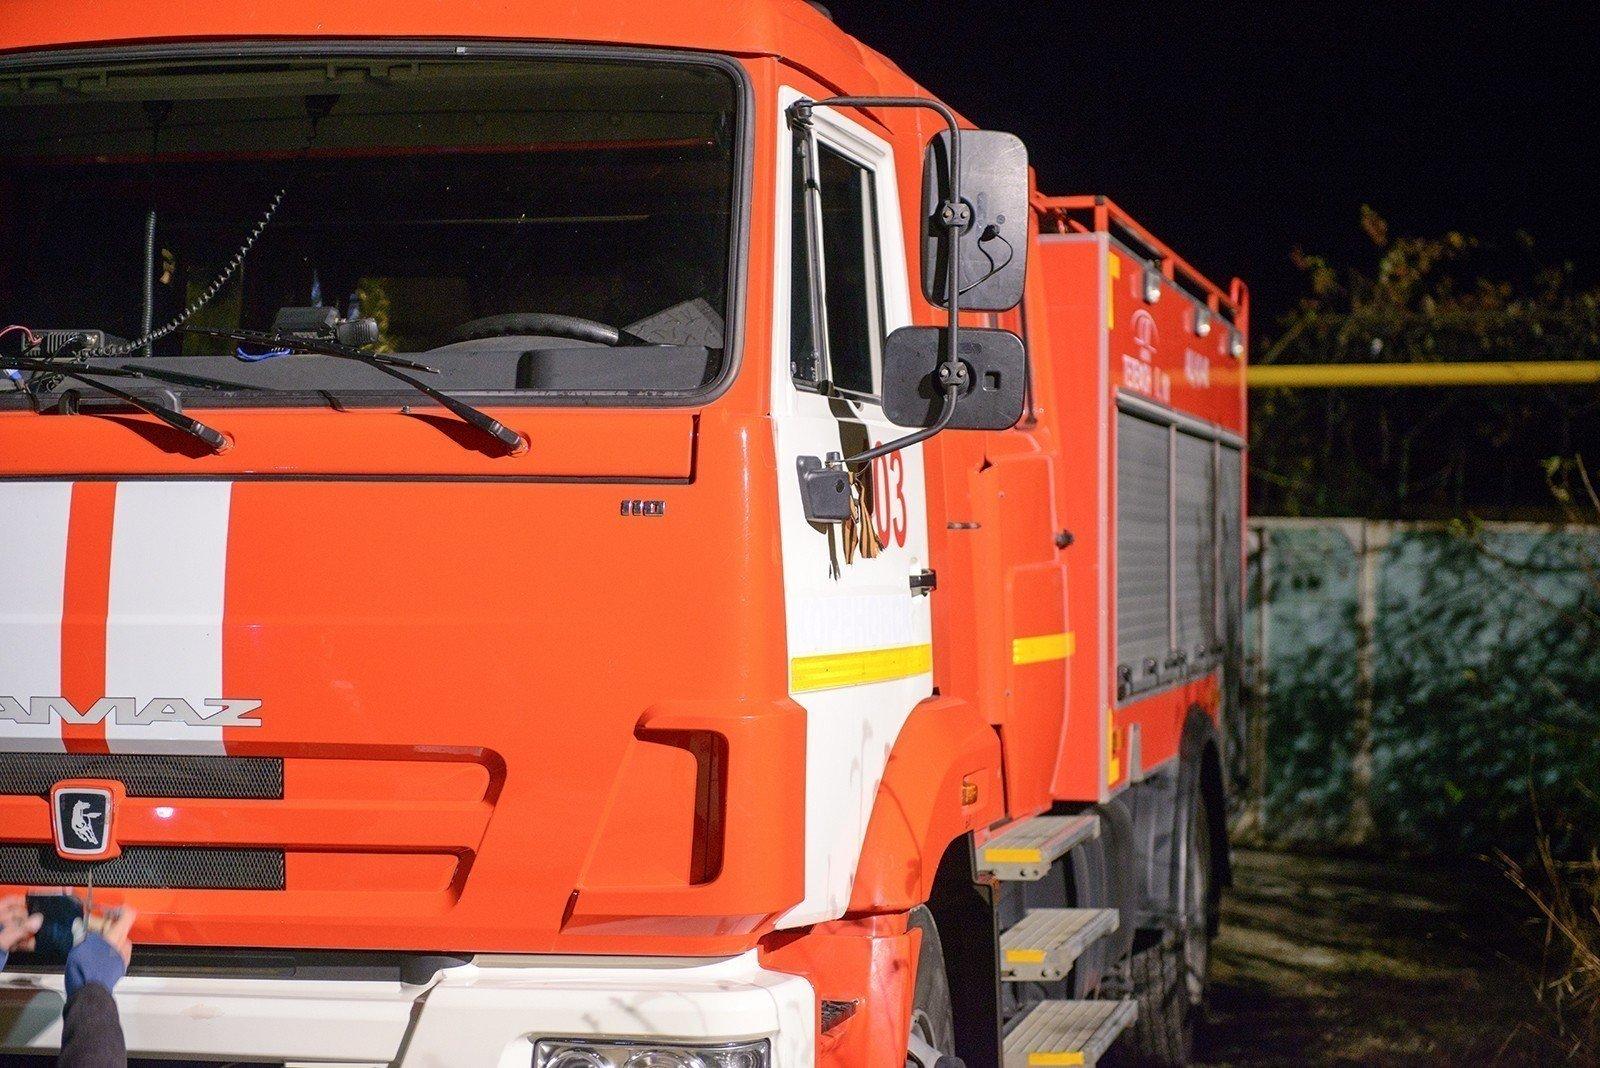 ВБелореченском районе опрокинулась автоцистерна сфосфорной кислотой